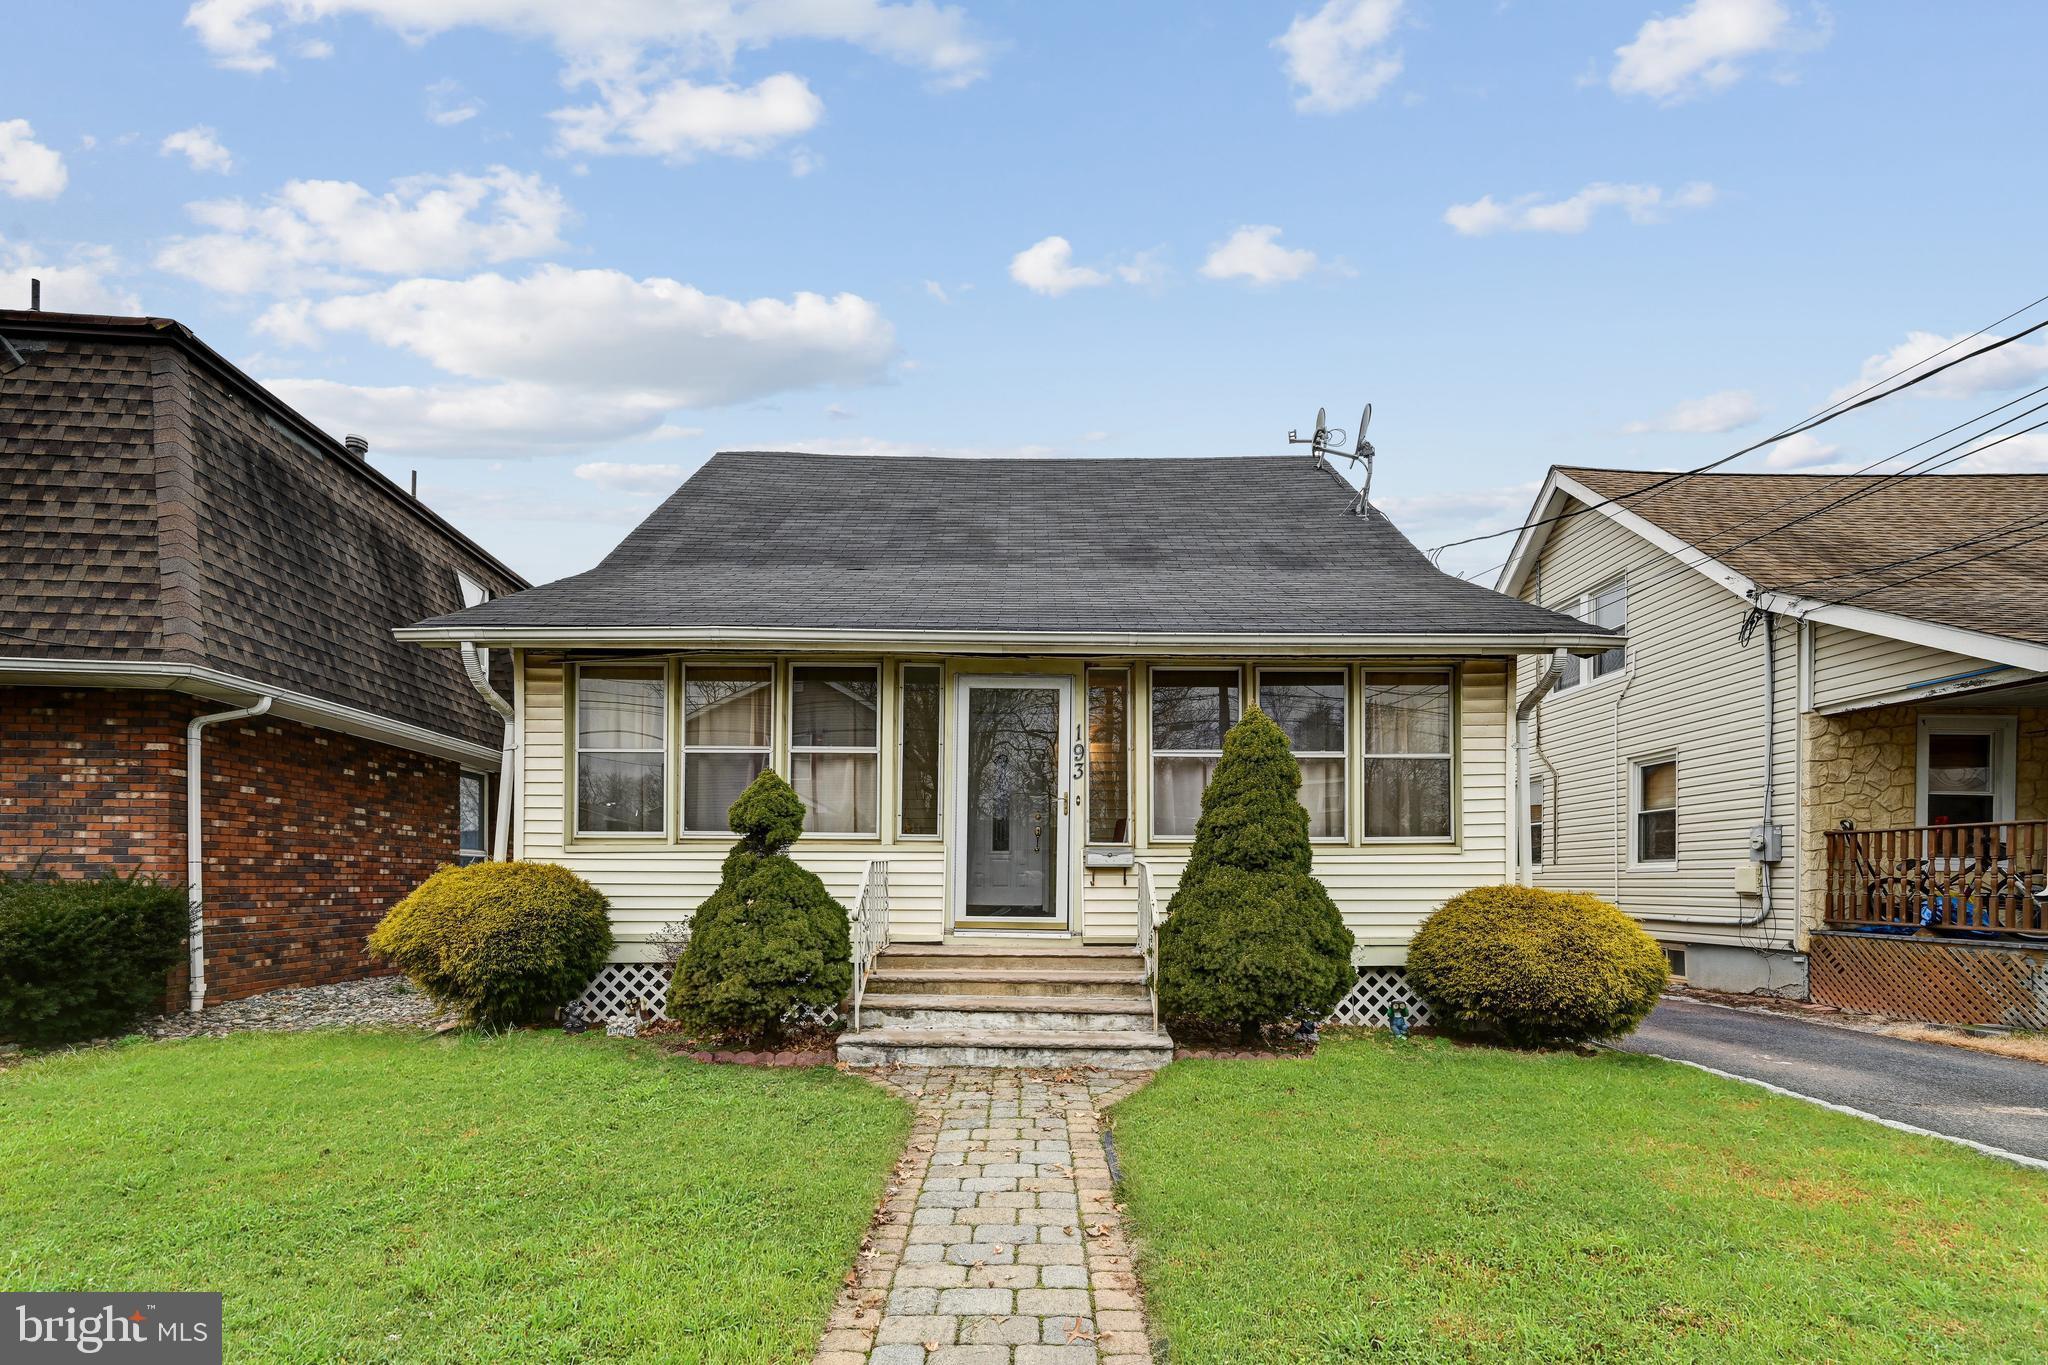 193 DAVENPORT STREET, SOMERVILLE, NJ 08876